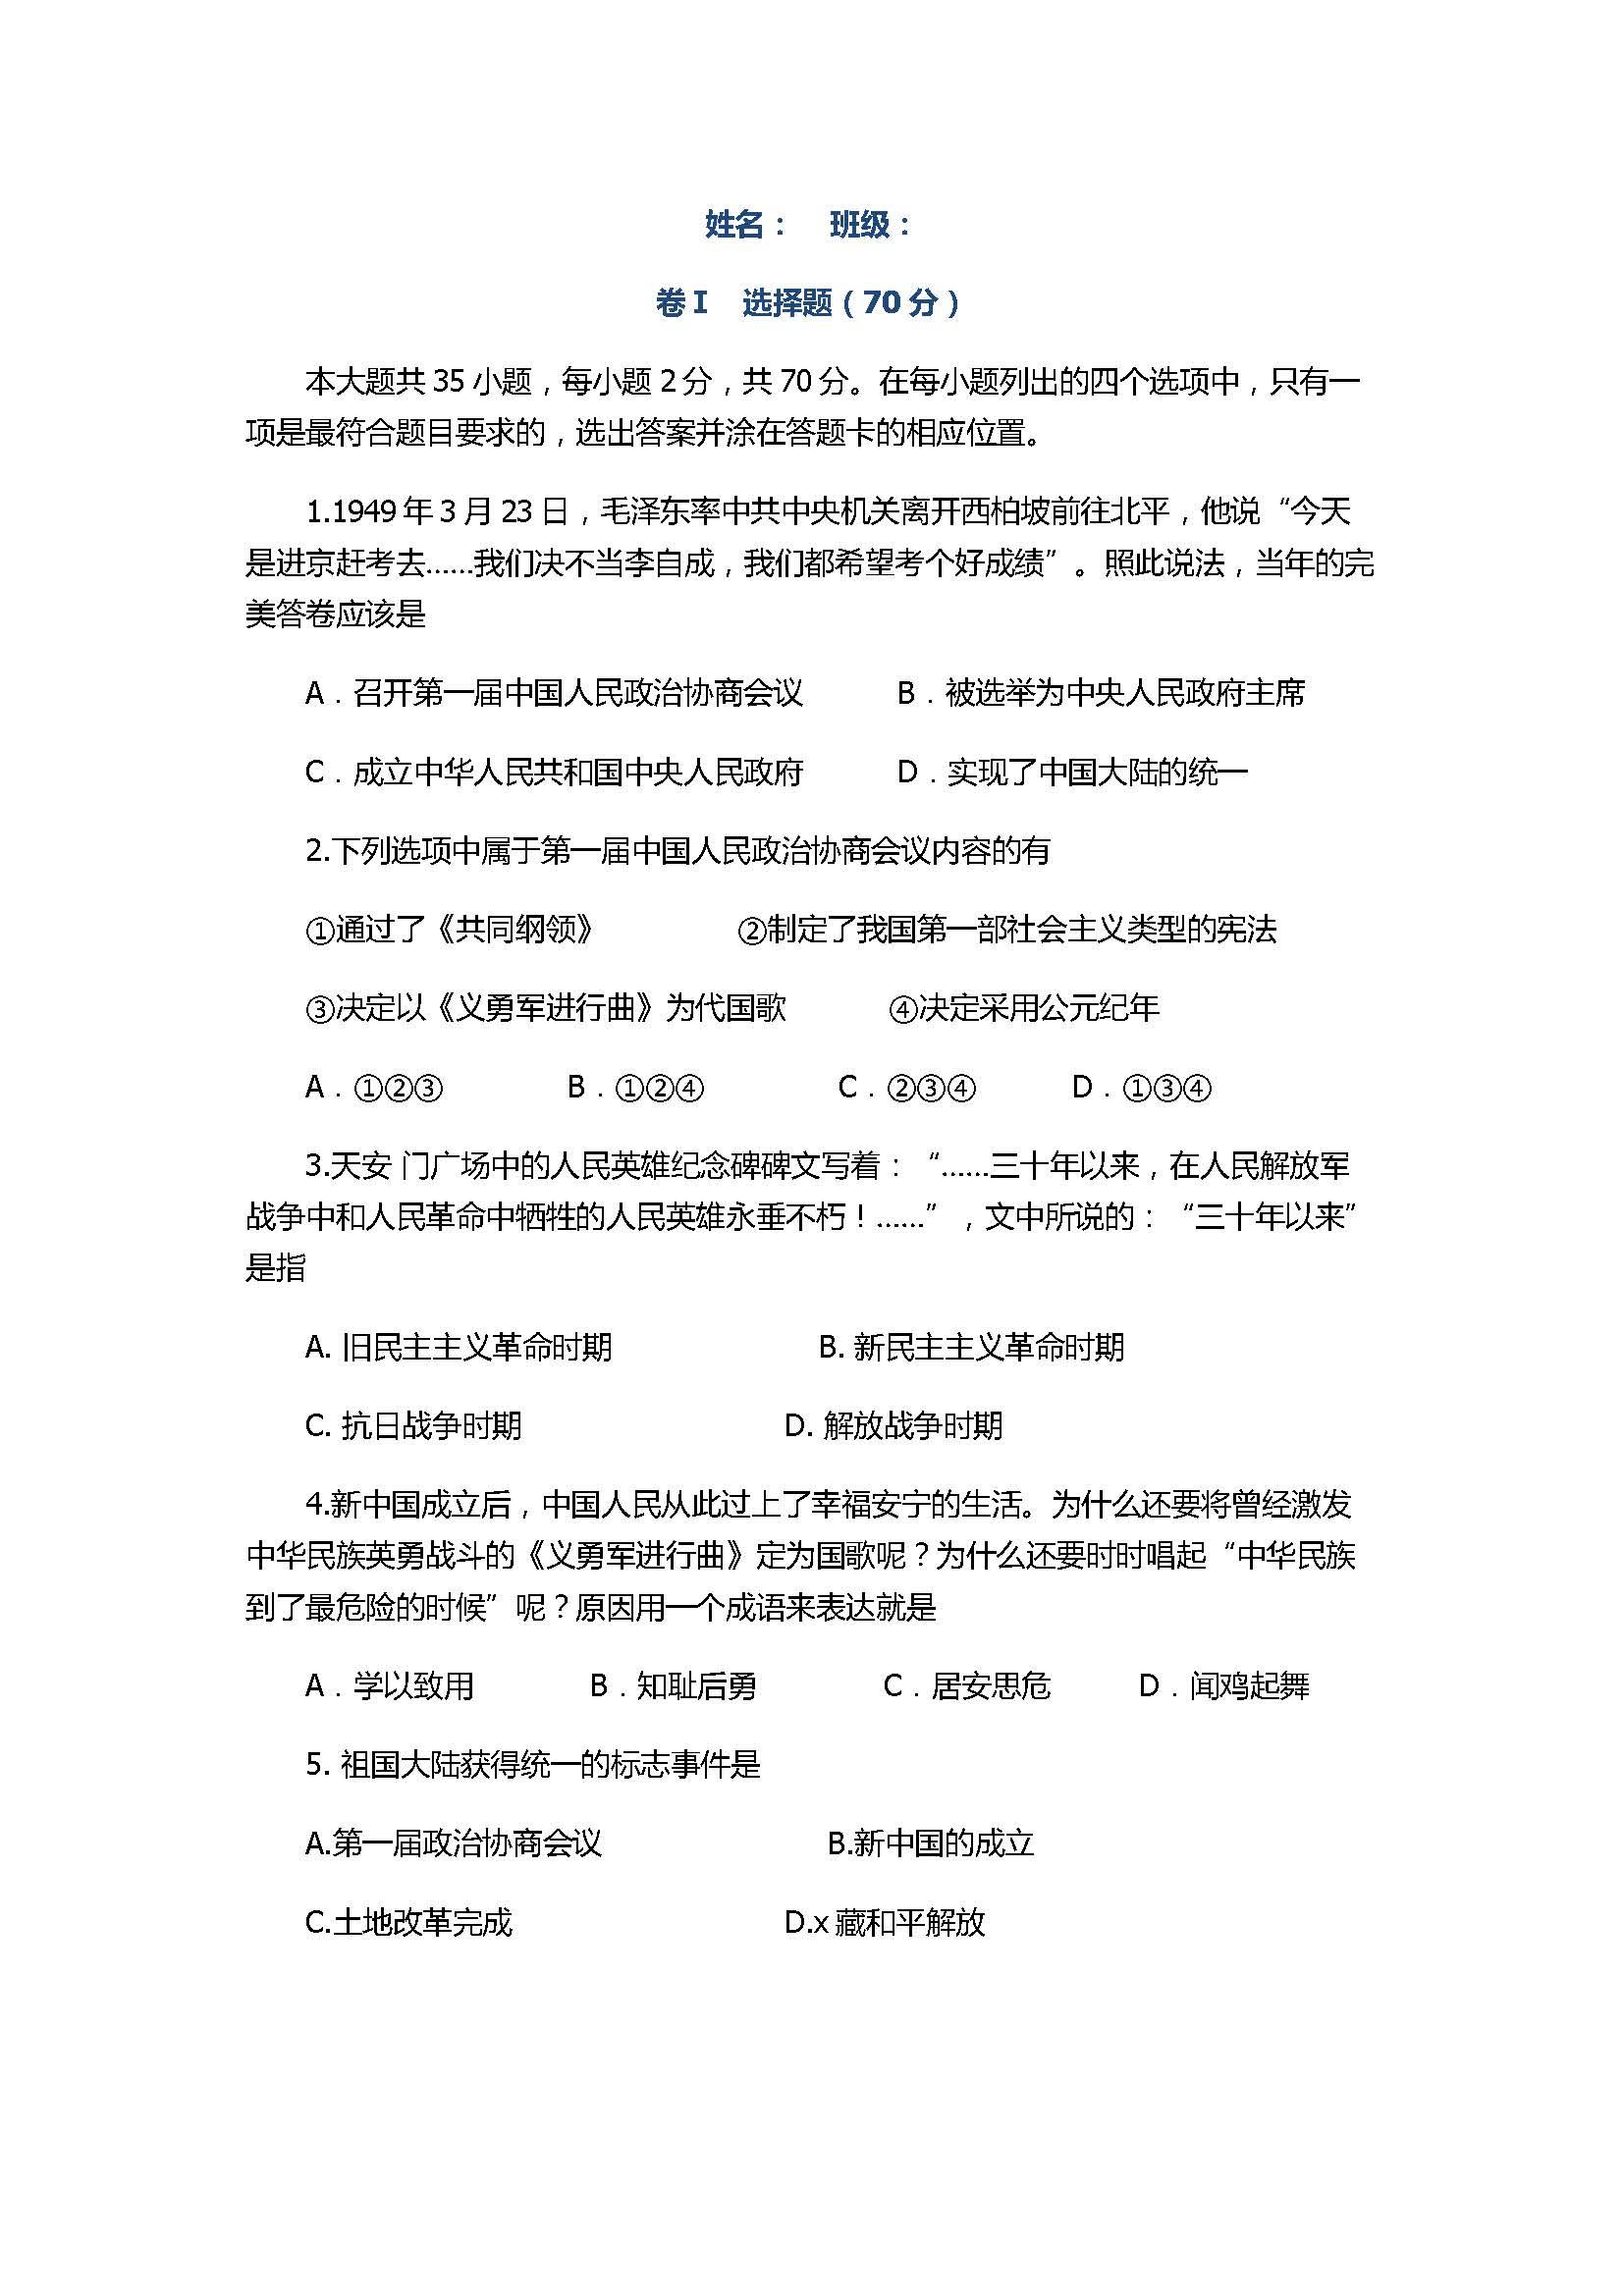 2017初二年级下册历史期中考试卷(附参考答案)